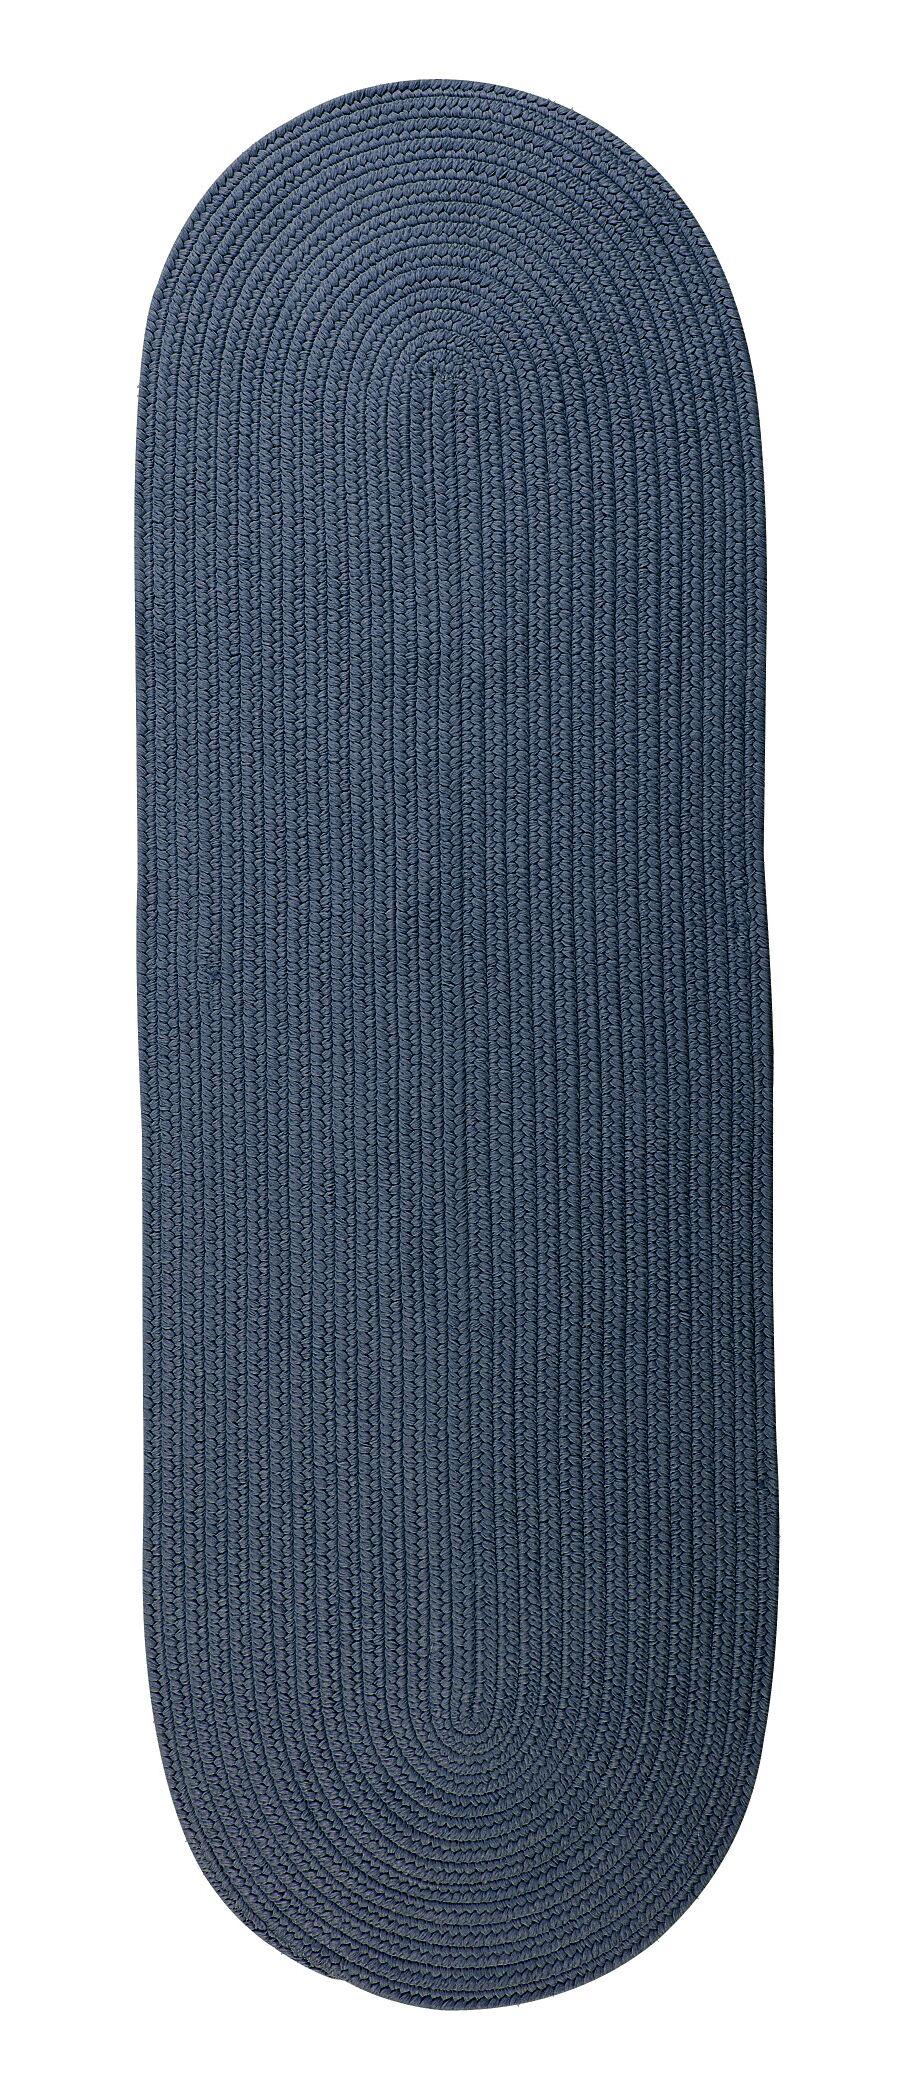 Mcintyre Blue Indoor/Outdoor Area Rug Rug Size: Oval Runner 2' x 12'